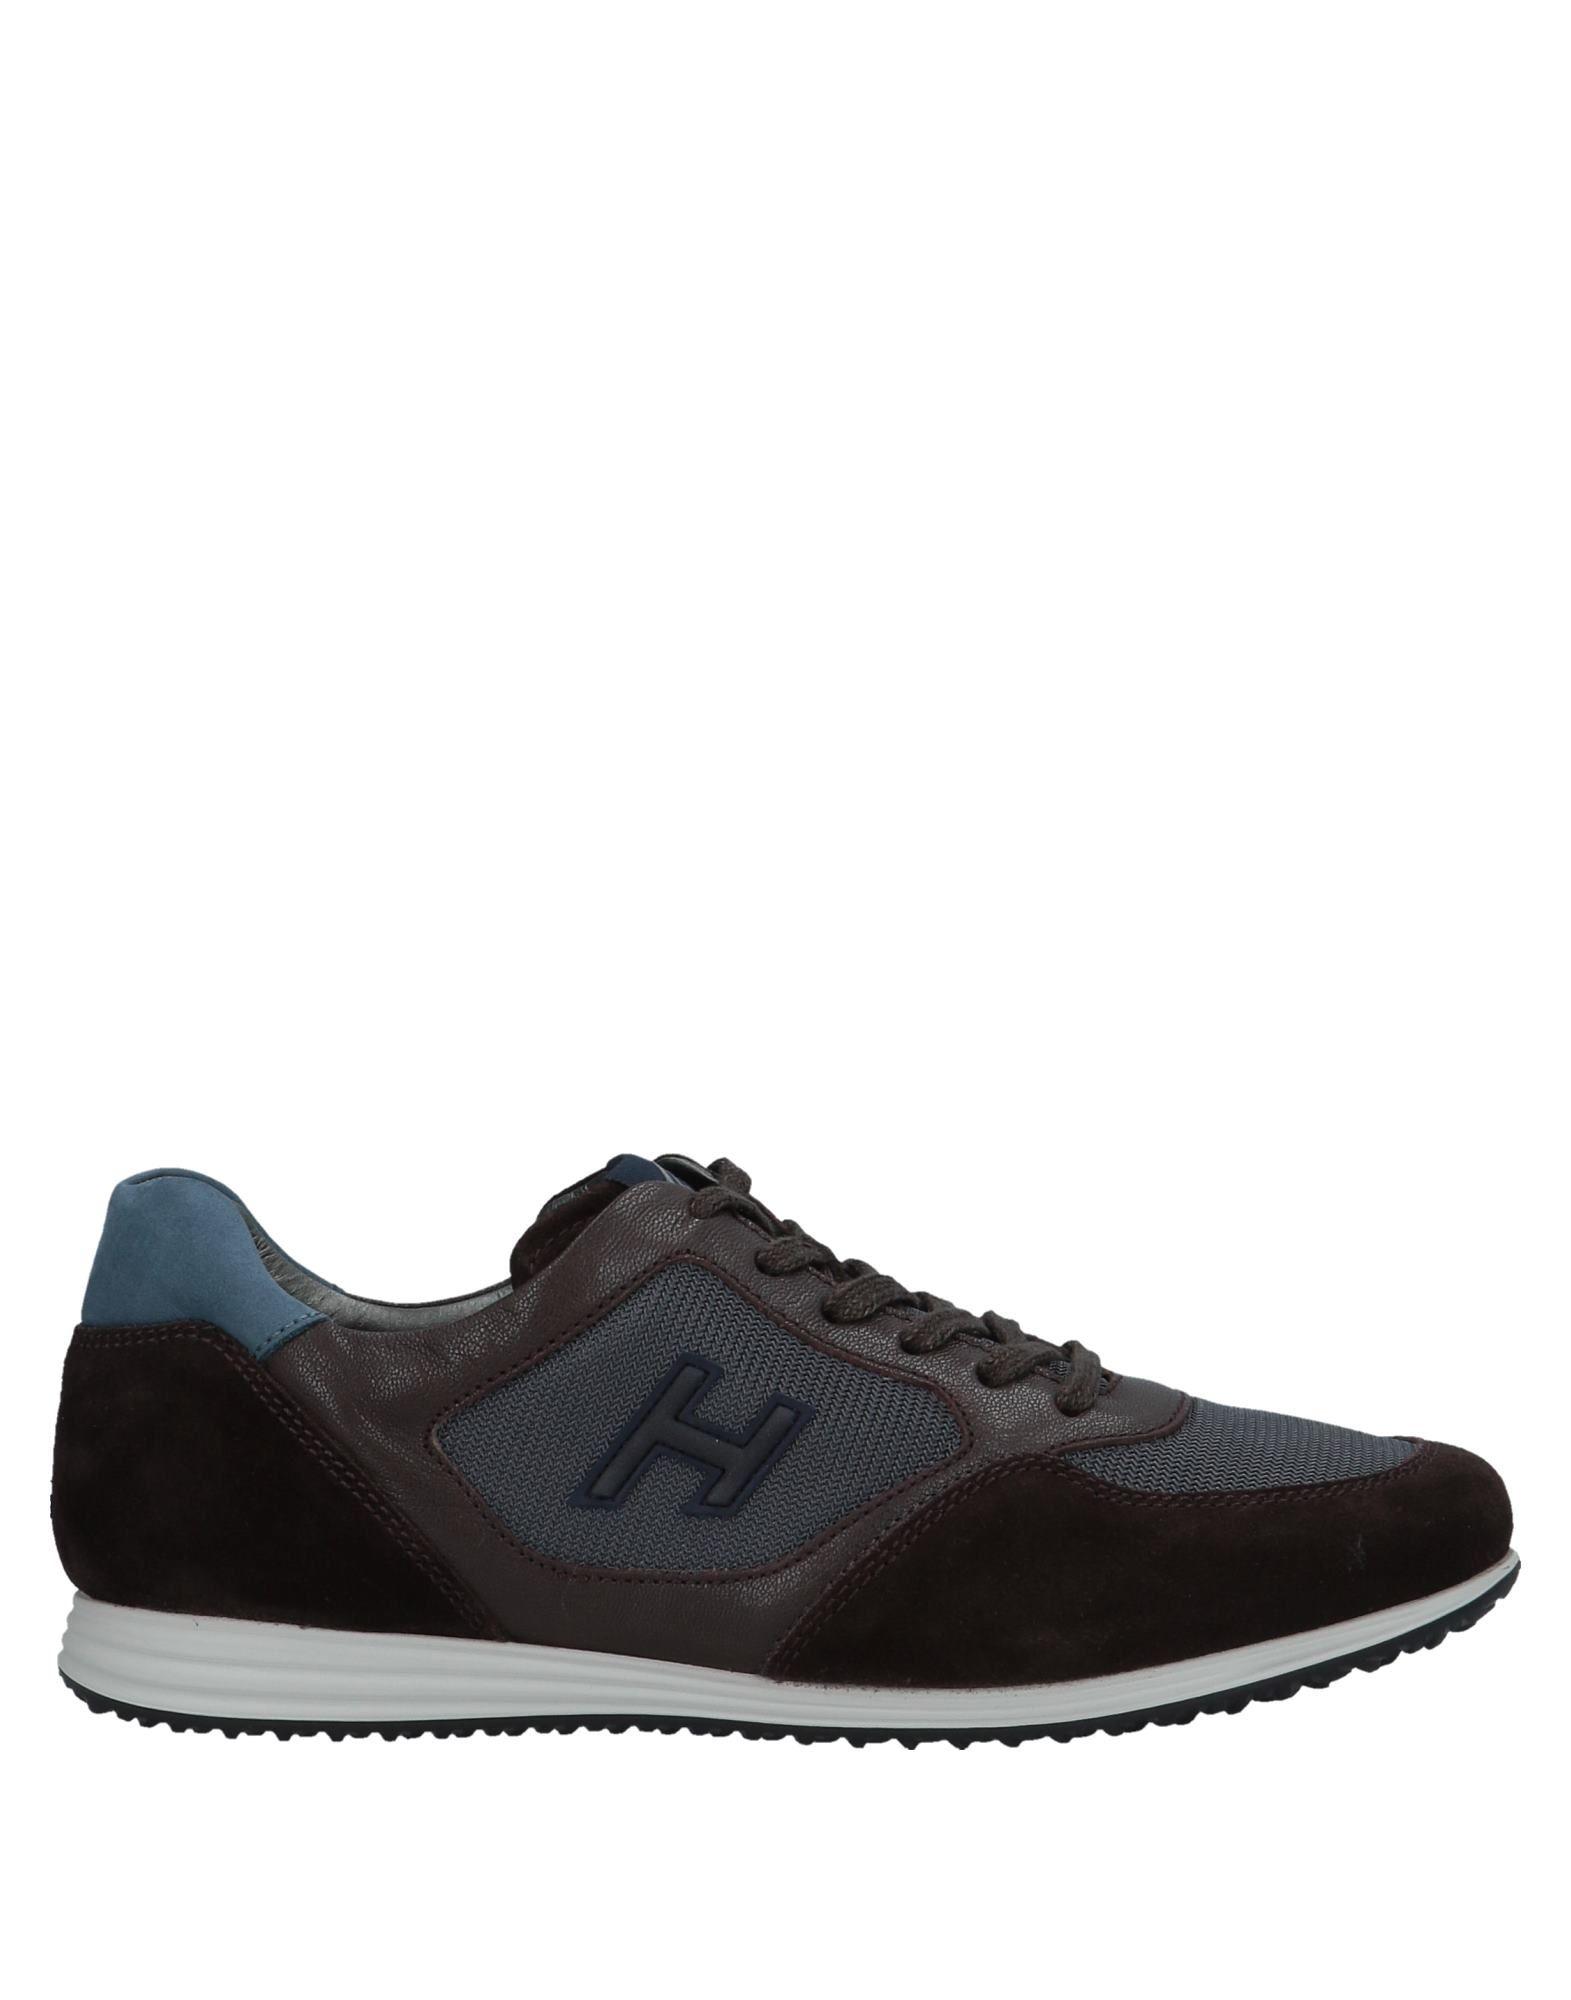 modelo más vendido de la Zapatillas marca Zapatillas la Hogan Hombre - Zapatillas Hogan 53ce40